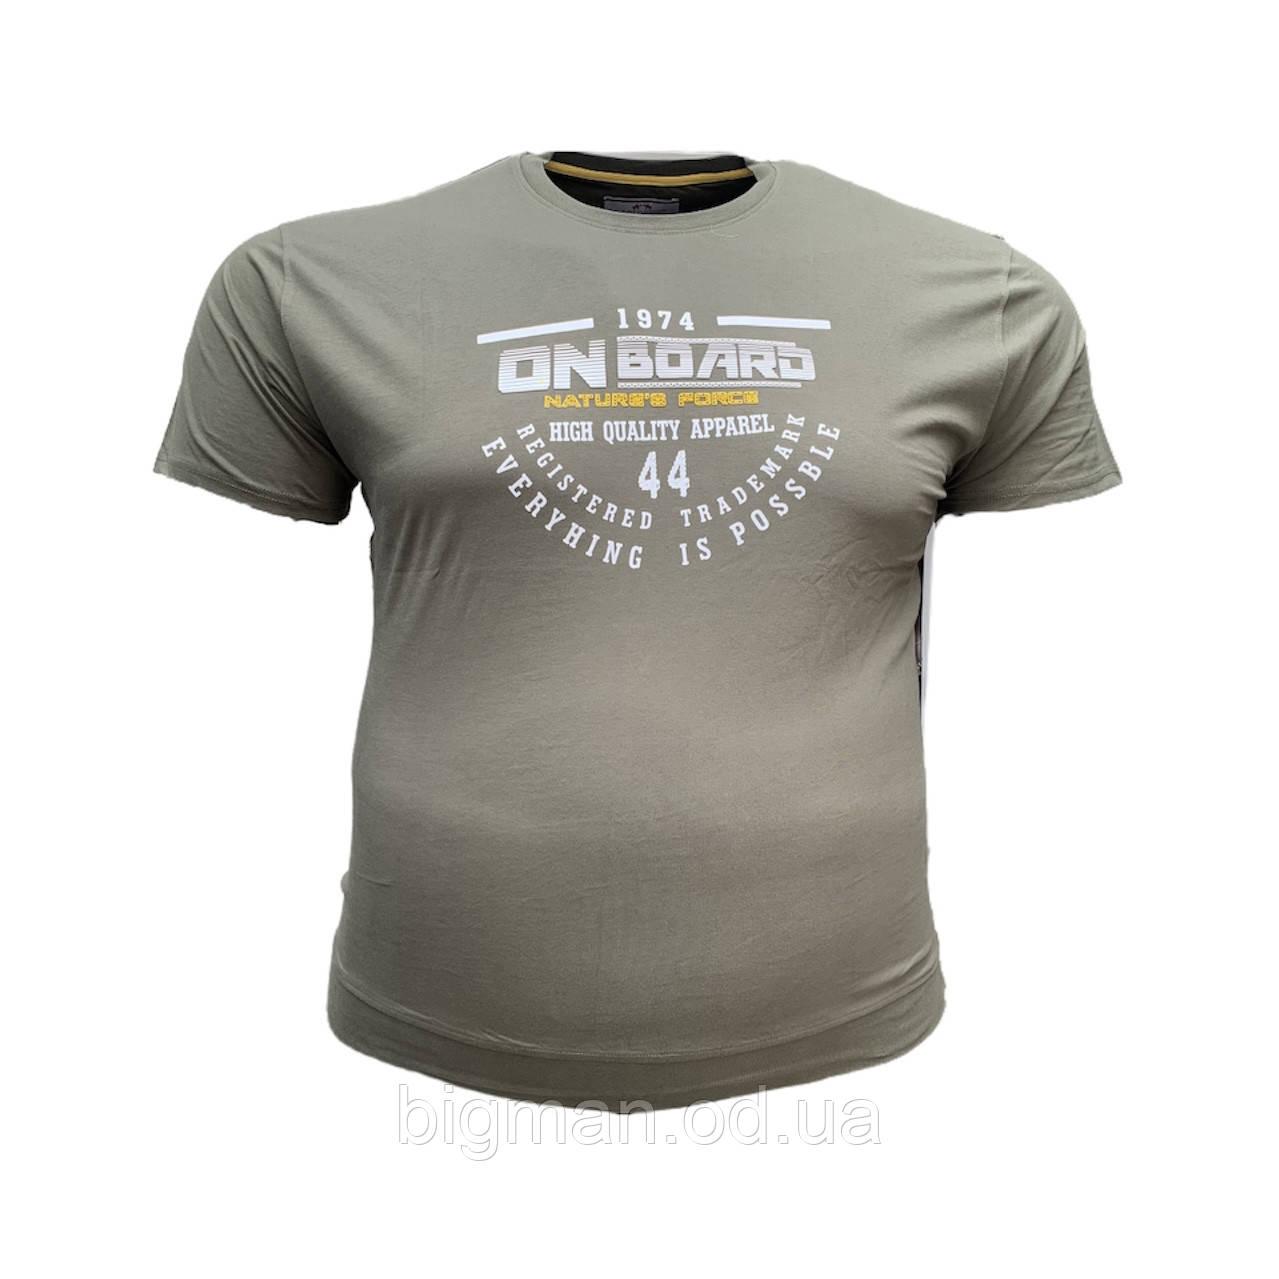 Чоловіча батальна футболка на резинці PoloPepe 12104 3XL 4XL 5XL 6XL хакі великі розміри Туреччина